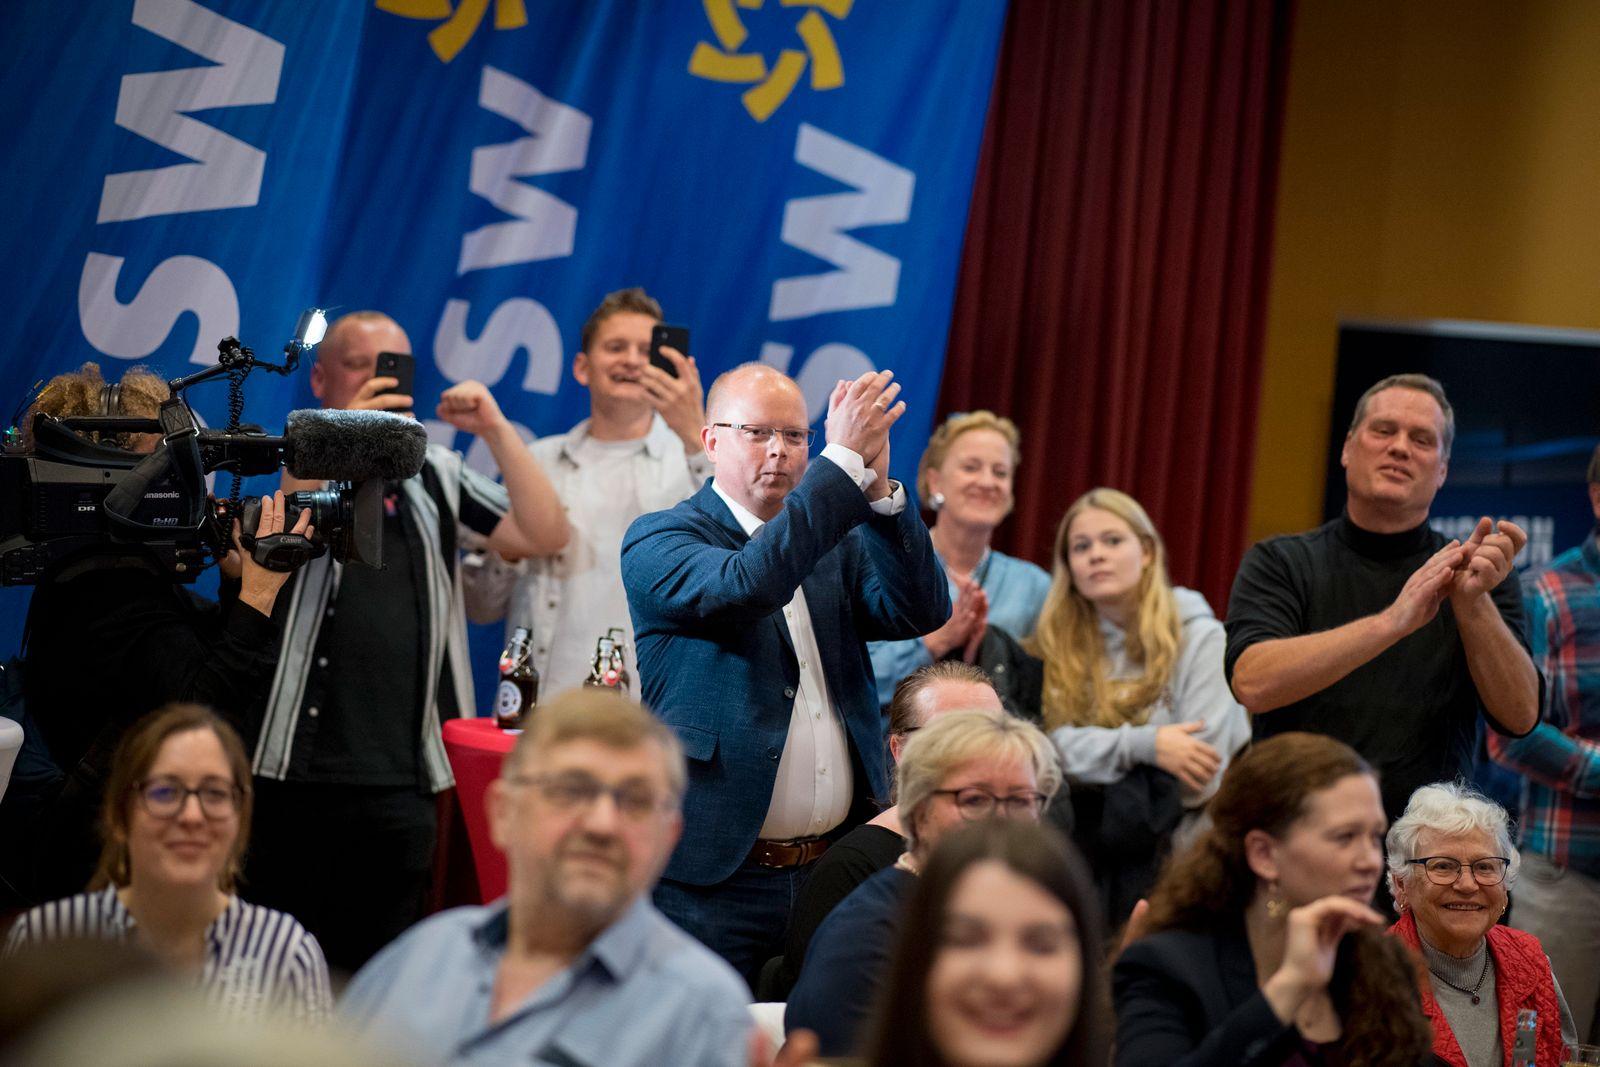 Bundestagswahl - Südschleswigscher Wählerverband (SSW)